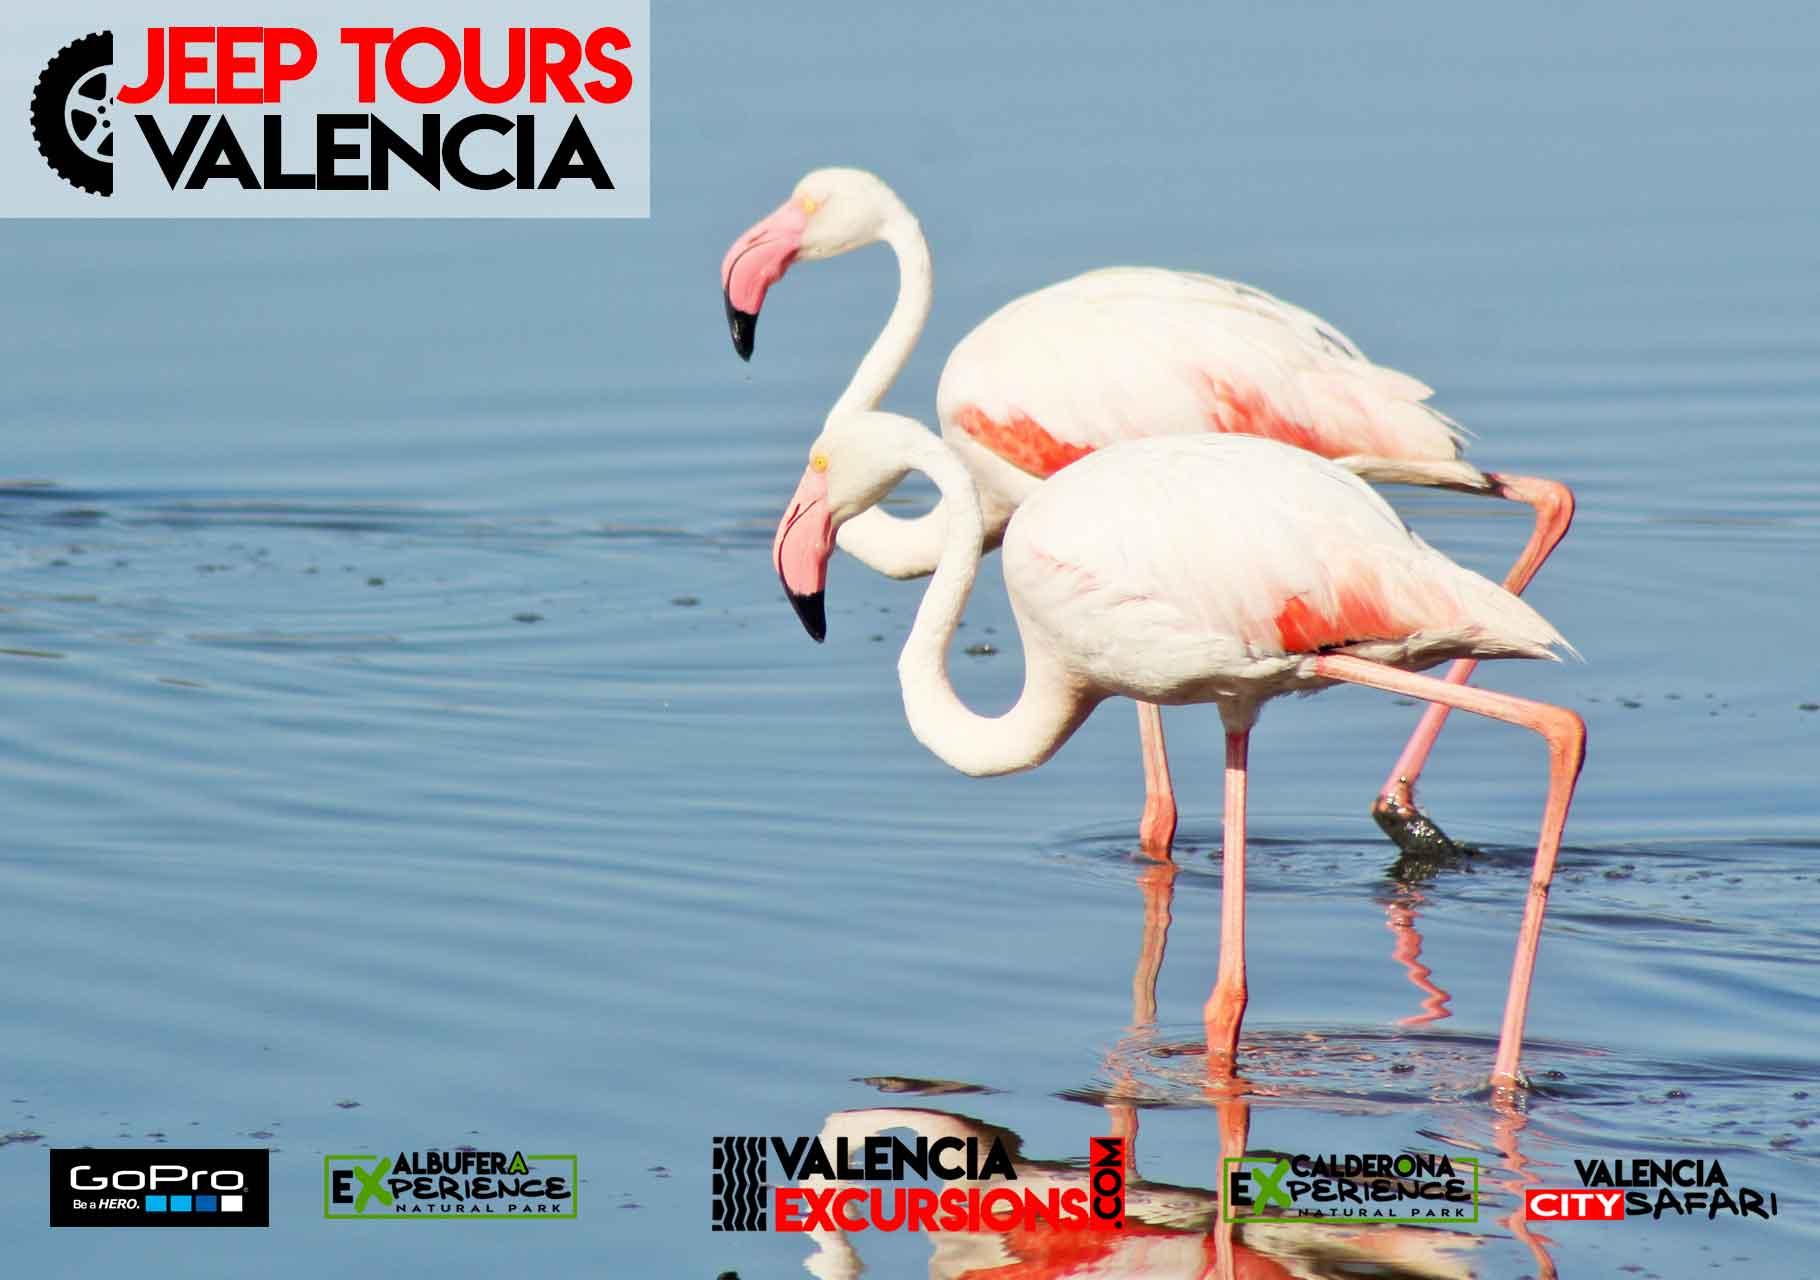 Excursión Albufera Valencia